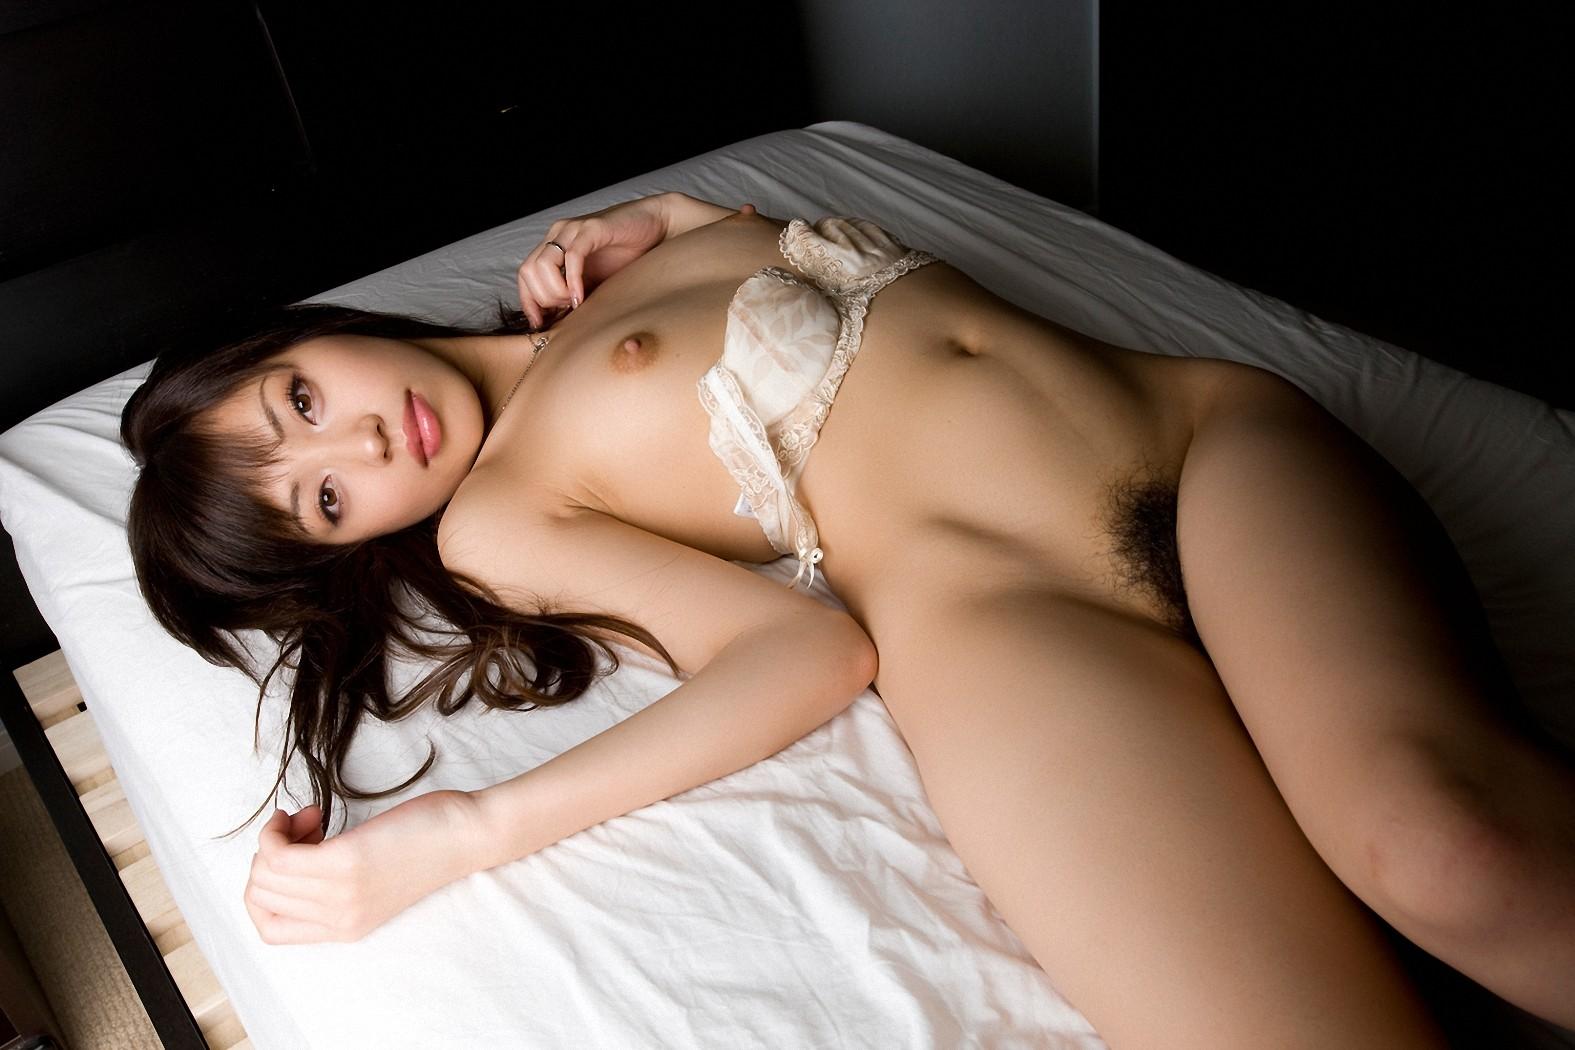 смотреть онлайн эро фото японок прямо обезумела